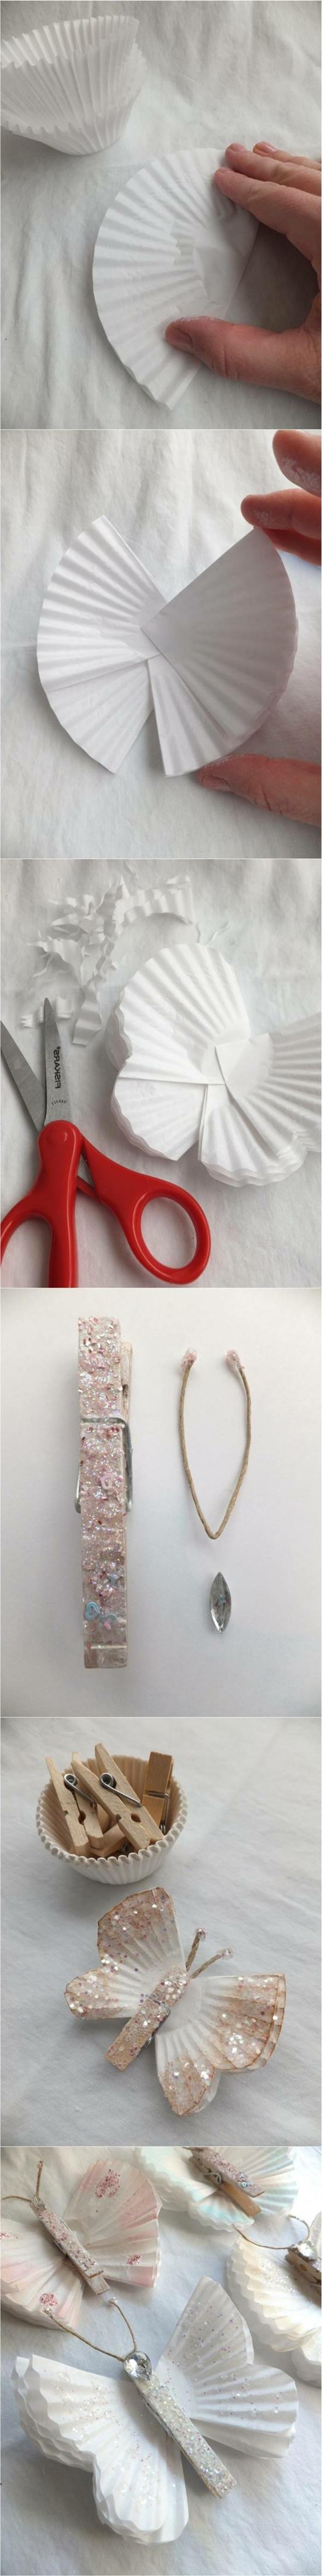 manualidades con papel de periodico, mariposas hechas con papelitos de magdalenas, pinzas de madera y purpurina, tutorial paso a paso